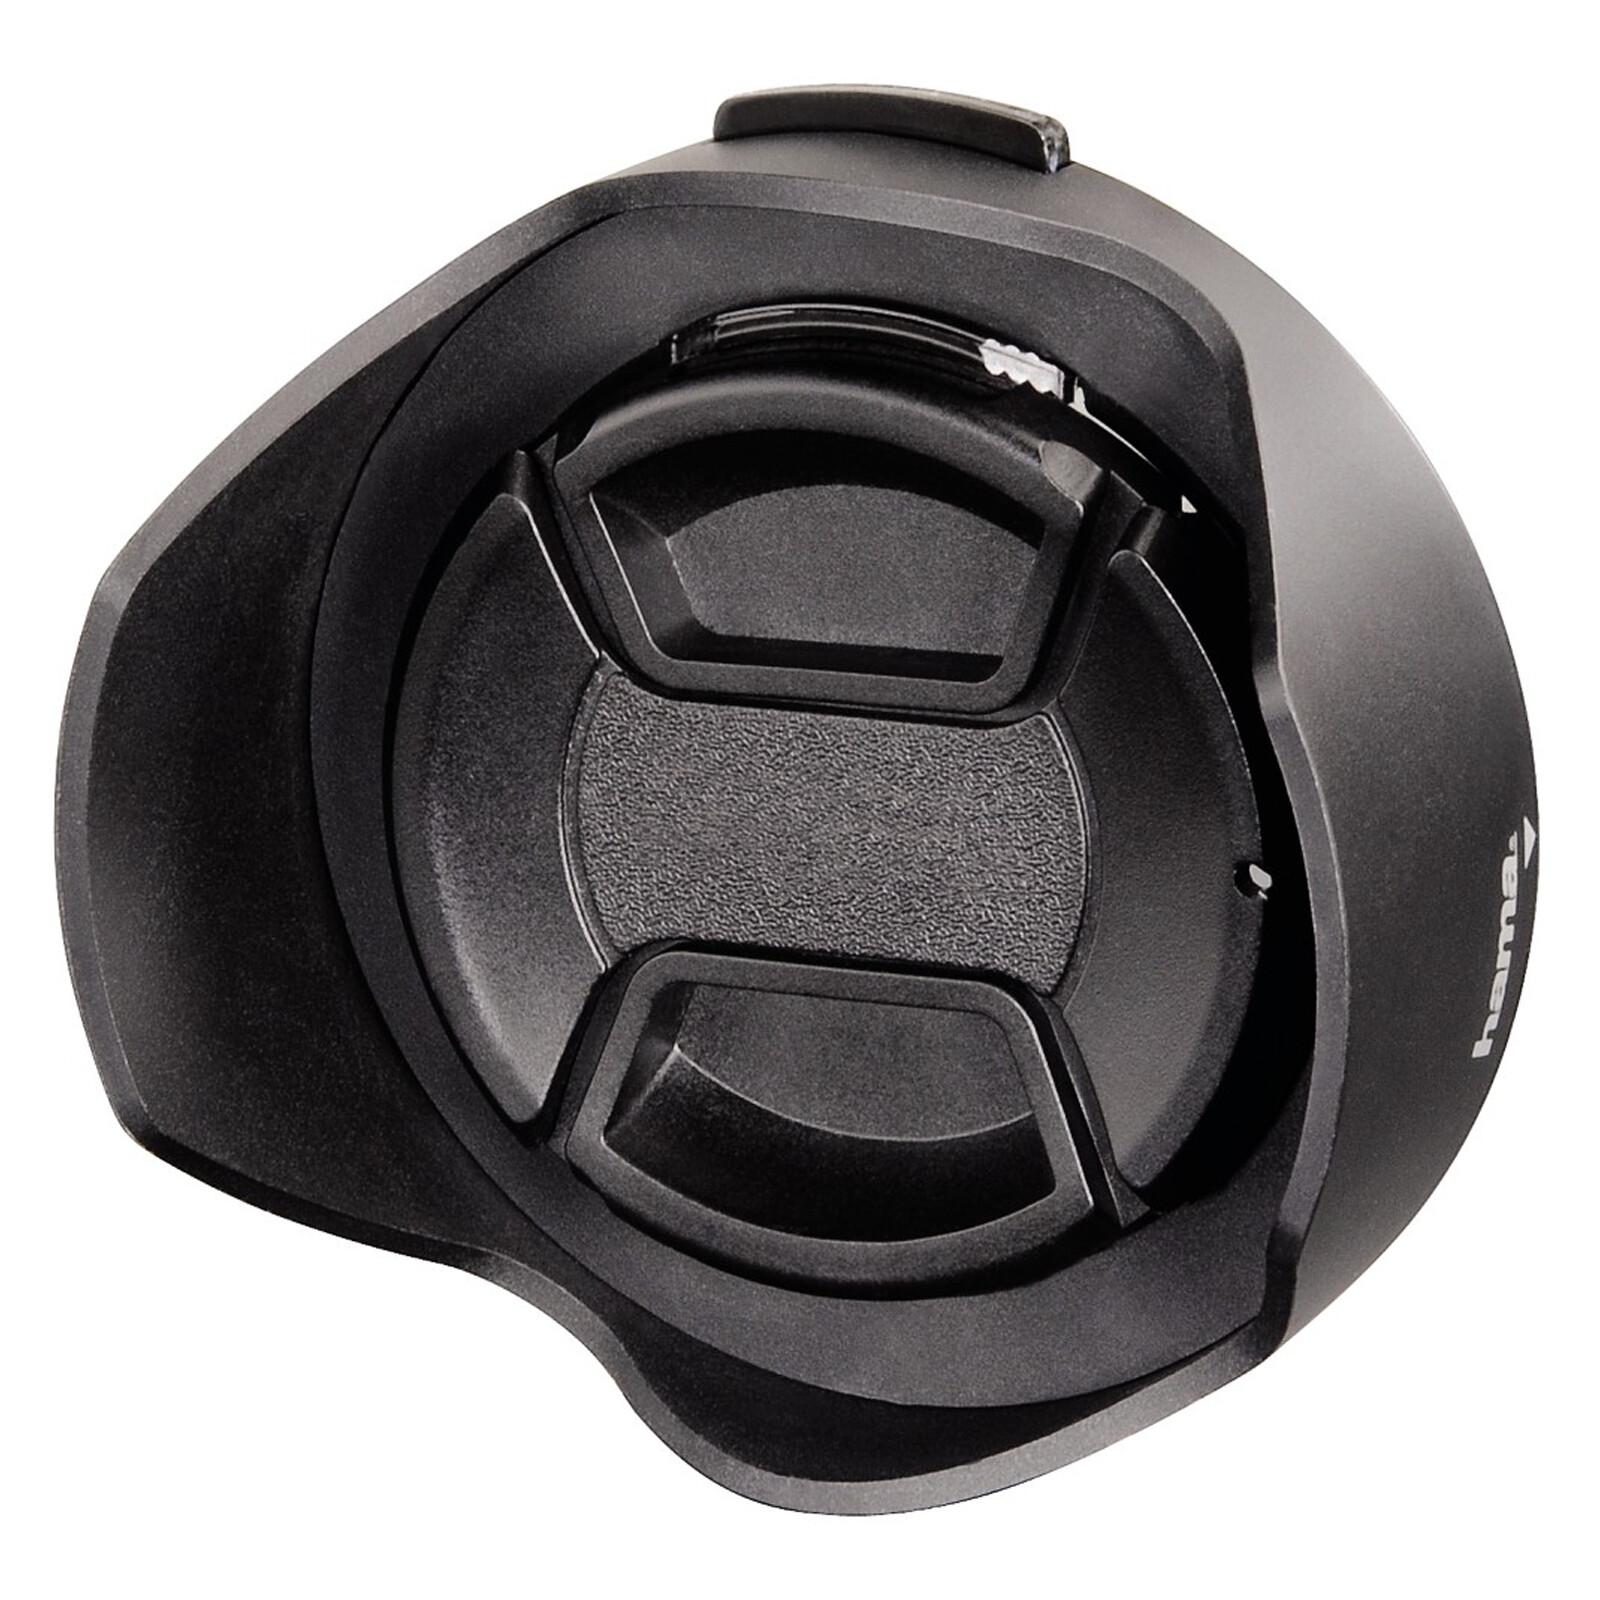 Hama 93658 Gegenlichtblende 58mm mit Objektivdeckel